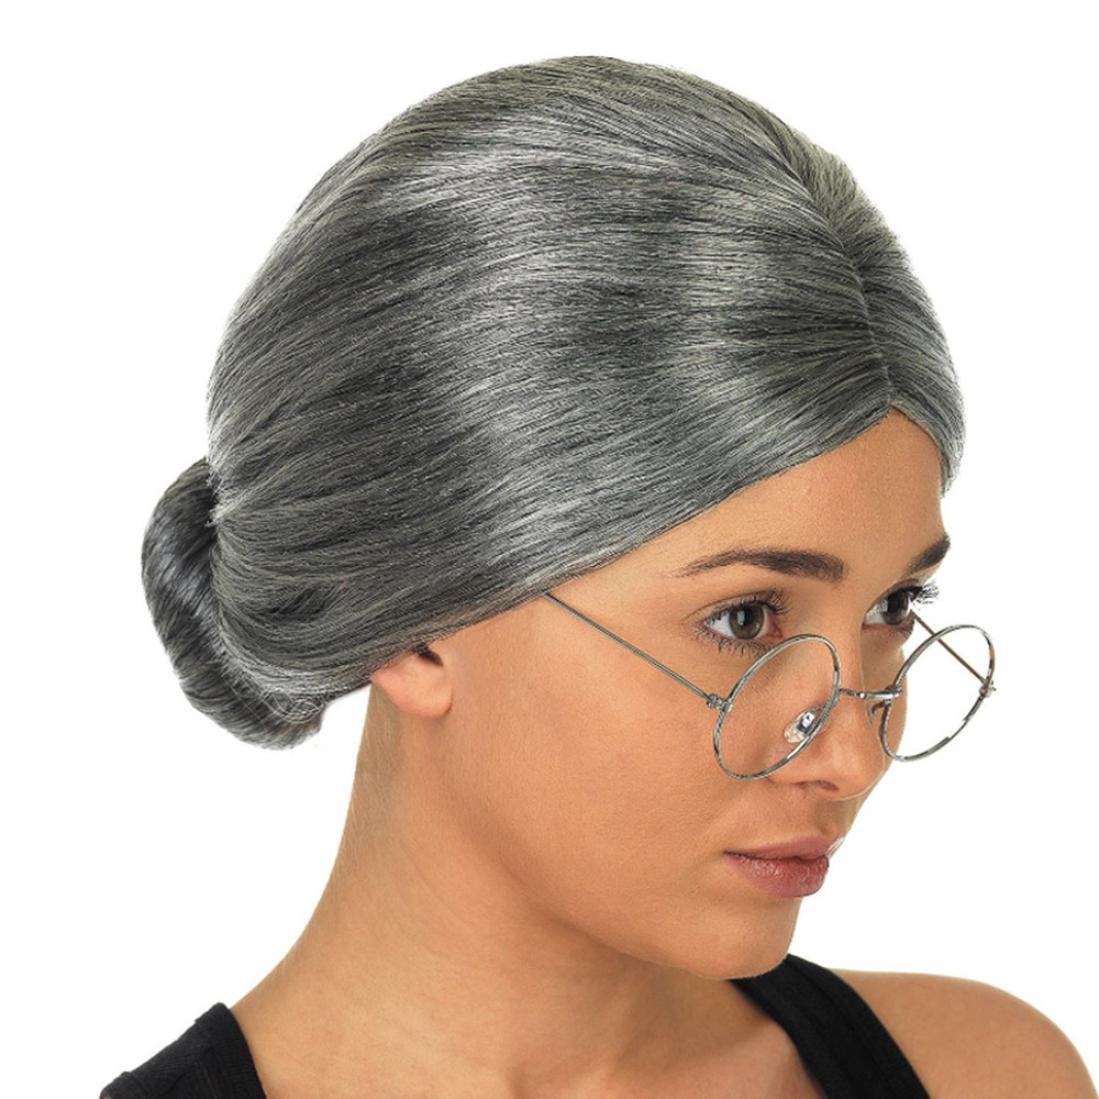 Aurorax Old Lady Granny Grey Wig Bun Hair Fancy Cosplay Costume Party Wig (Grey)